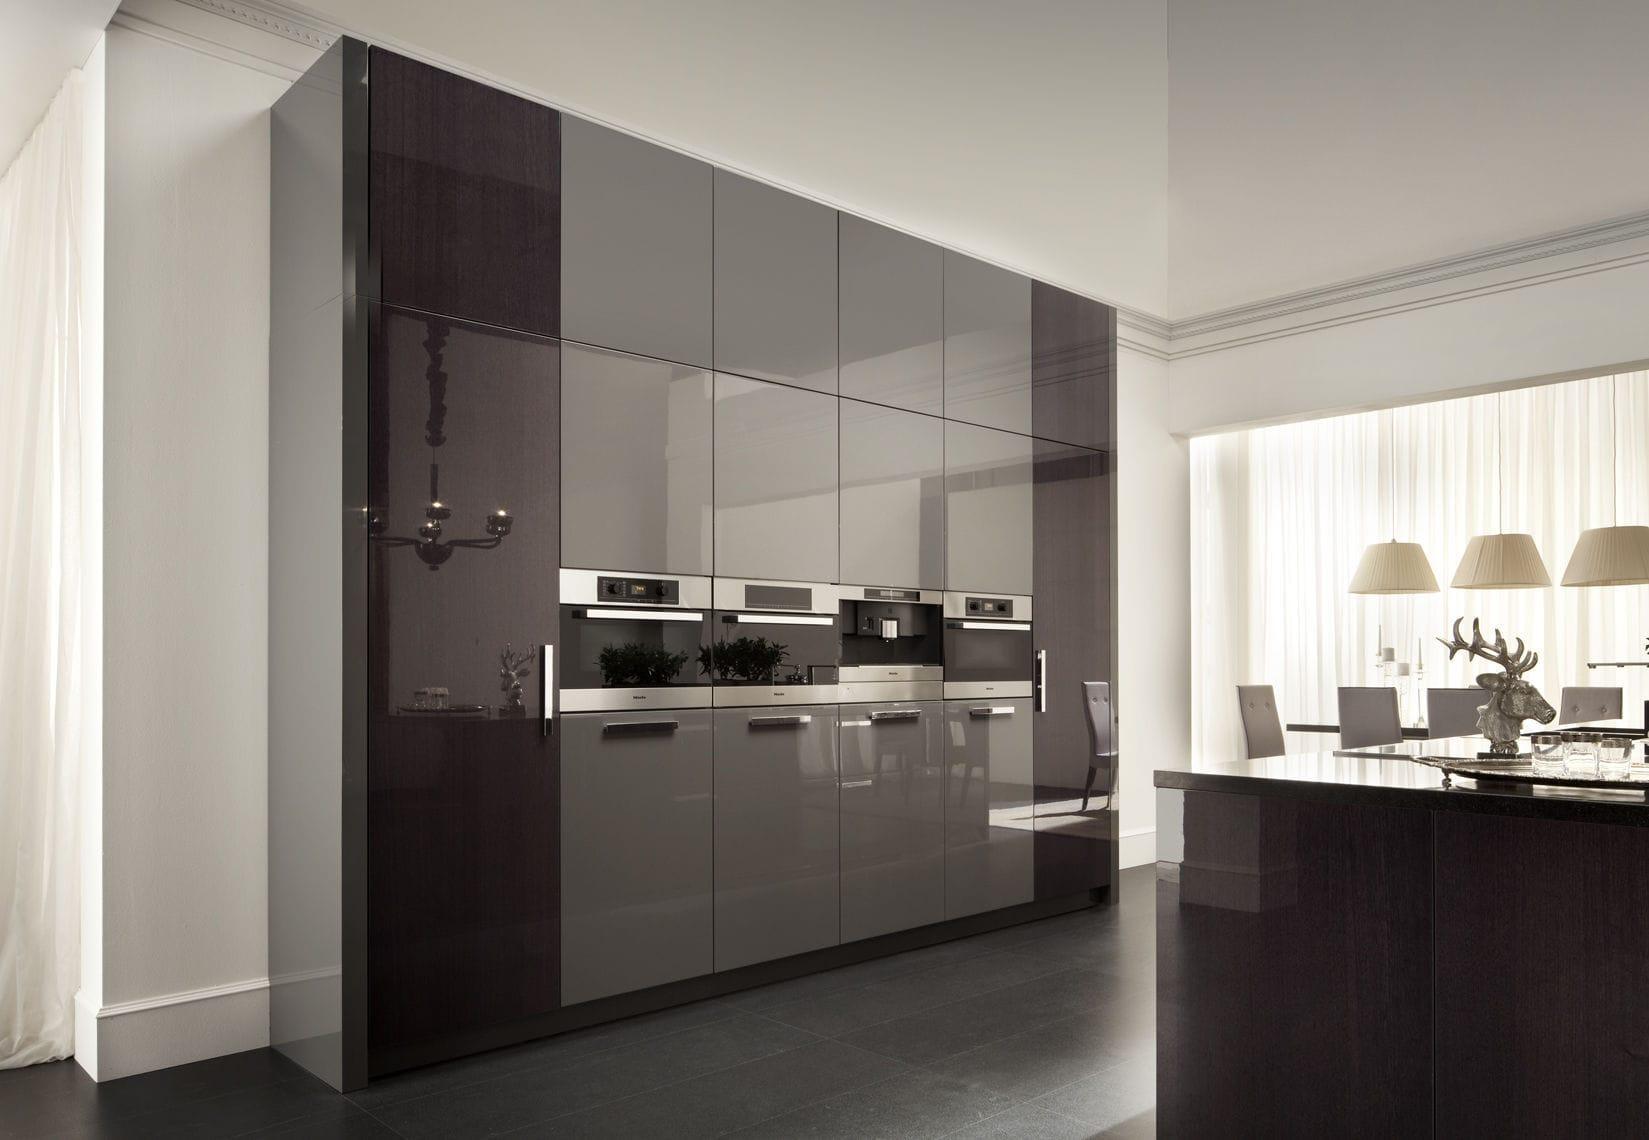 contemporary kitchen / wooden / island / high-gloss - montecarlo ... - Cucine Valdesign